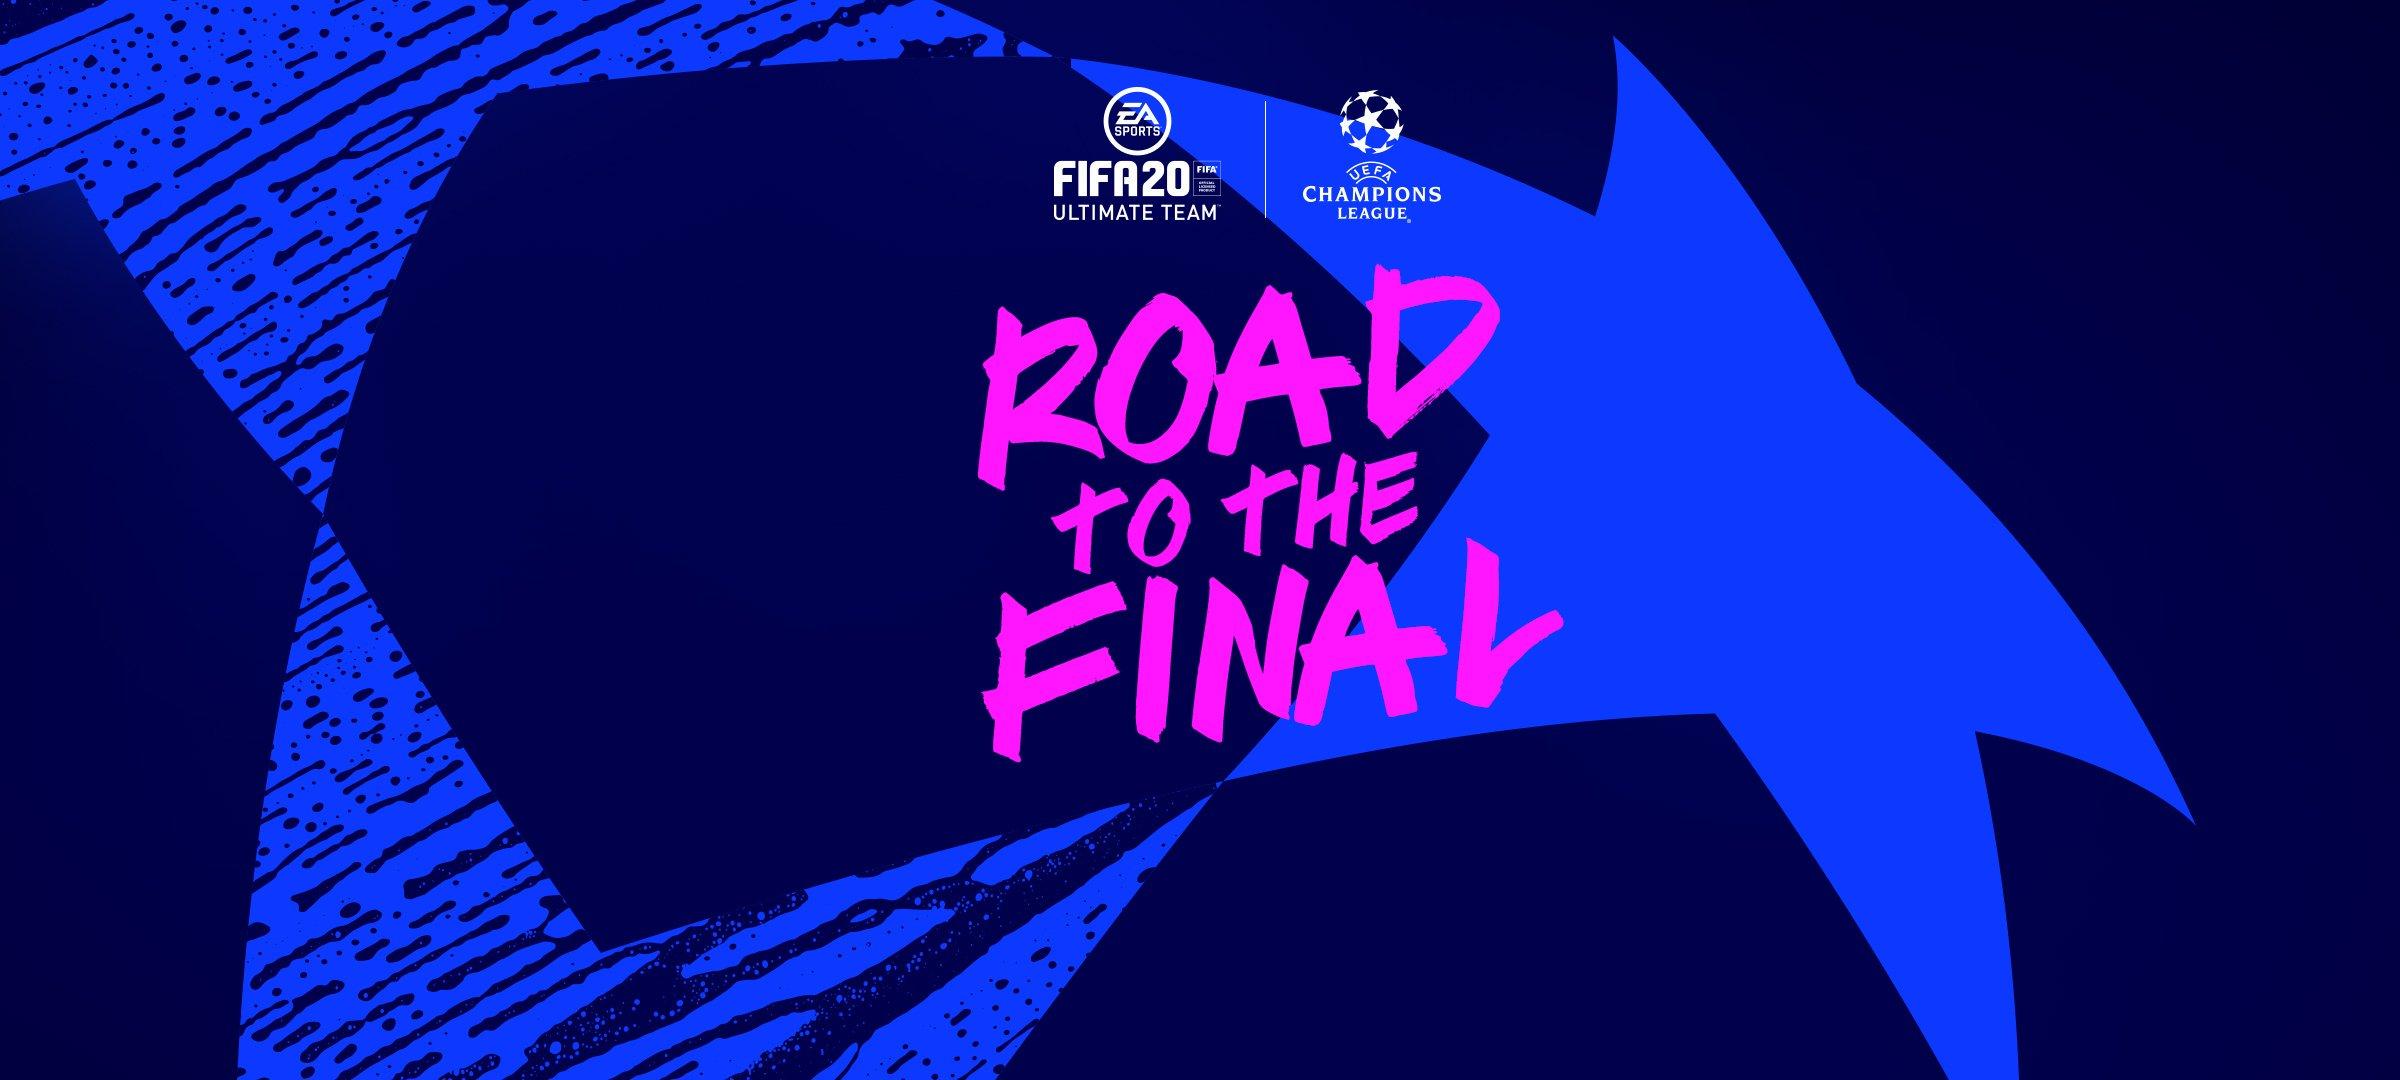 Команда недели FIFA 20, FIFA 20